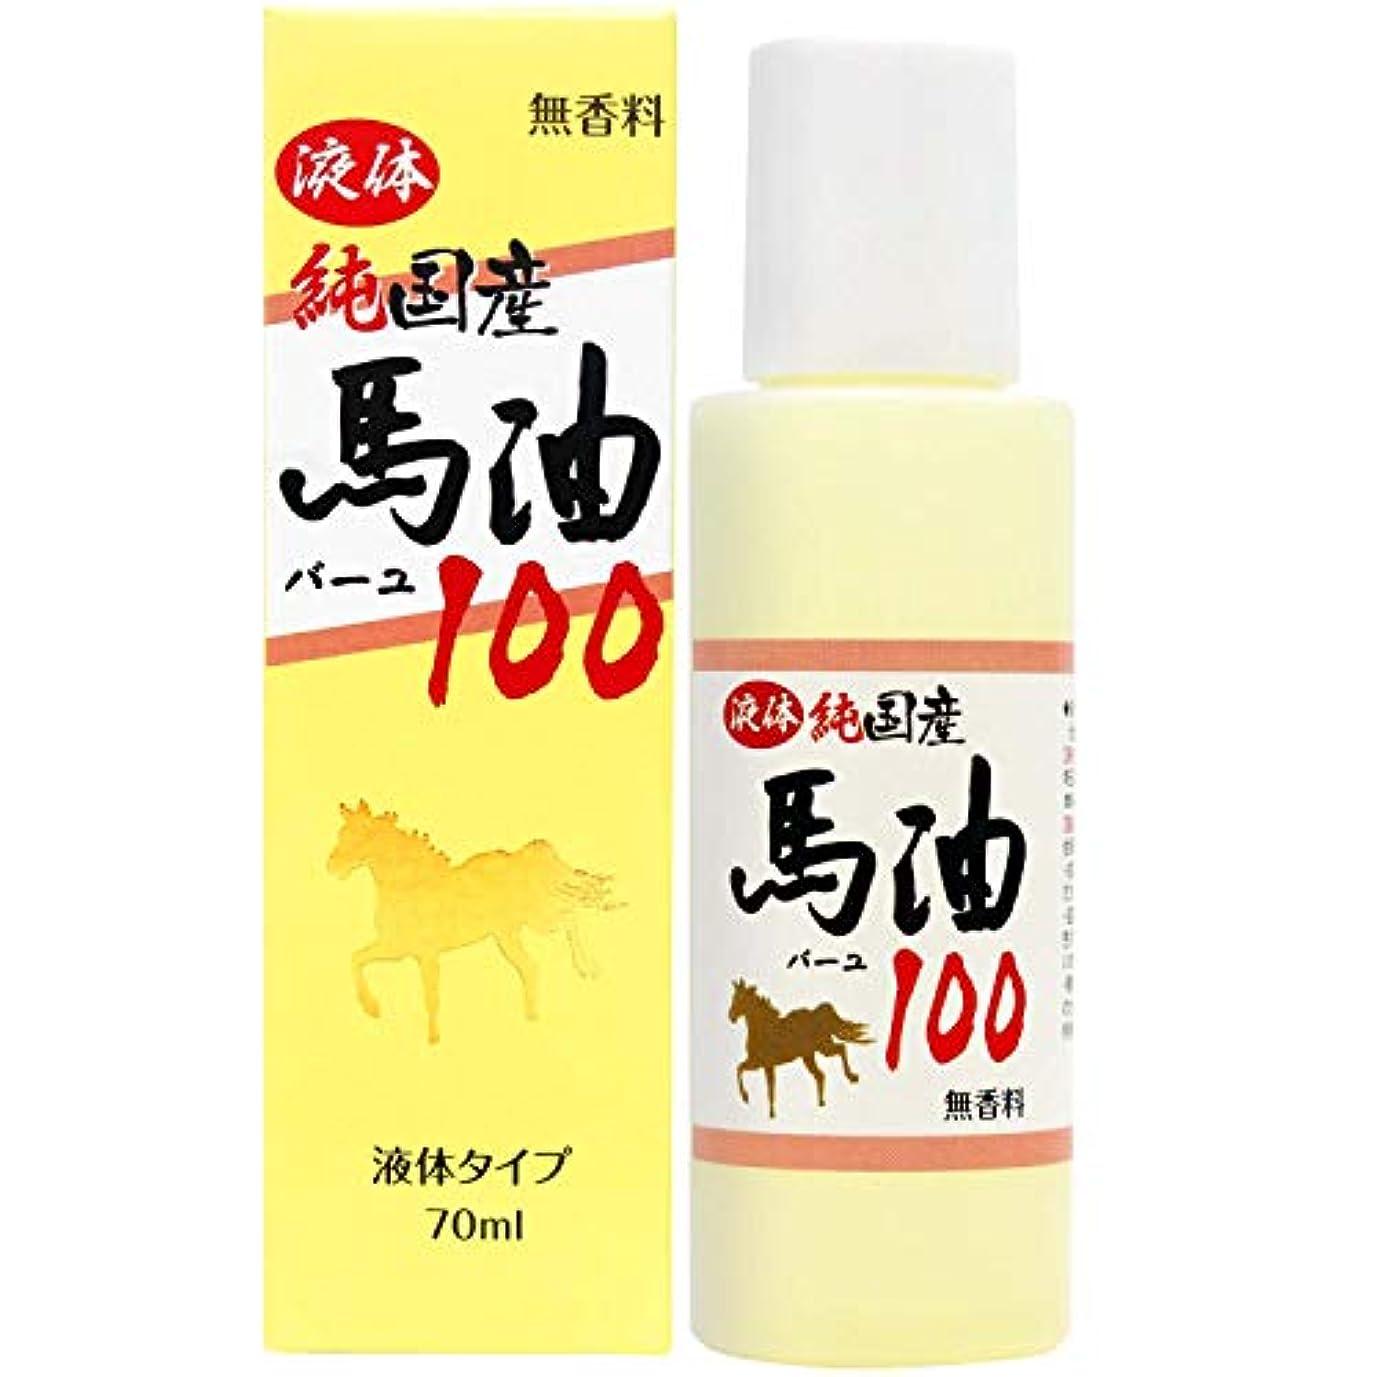 仲間勧告関与するユウキ製薬 液体純国産馬油100 70ml